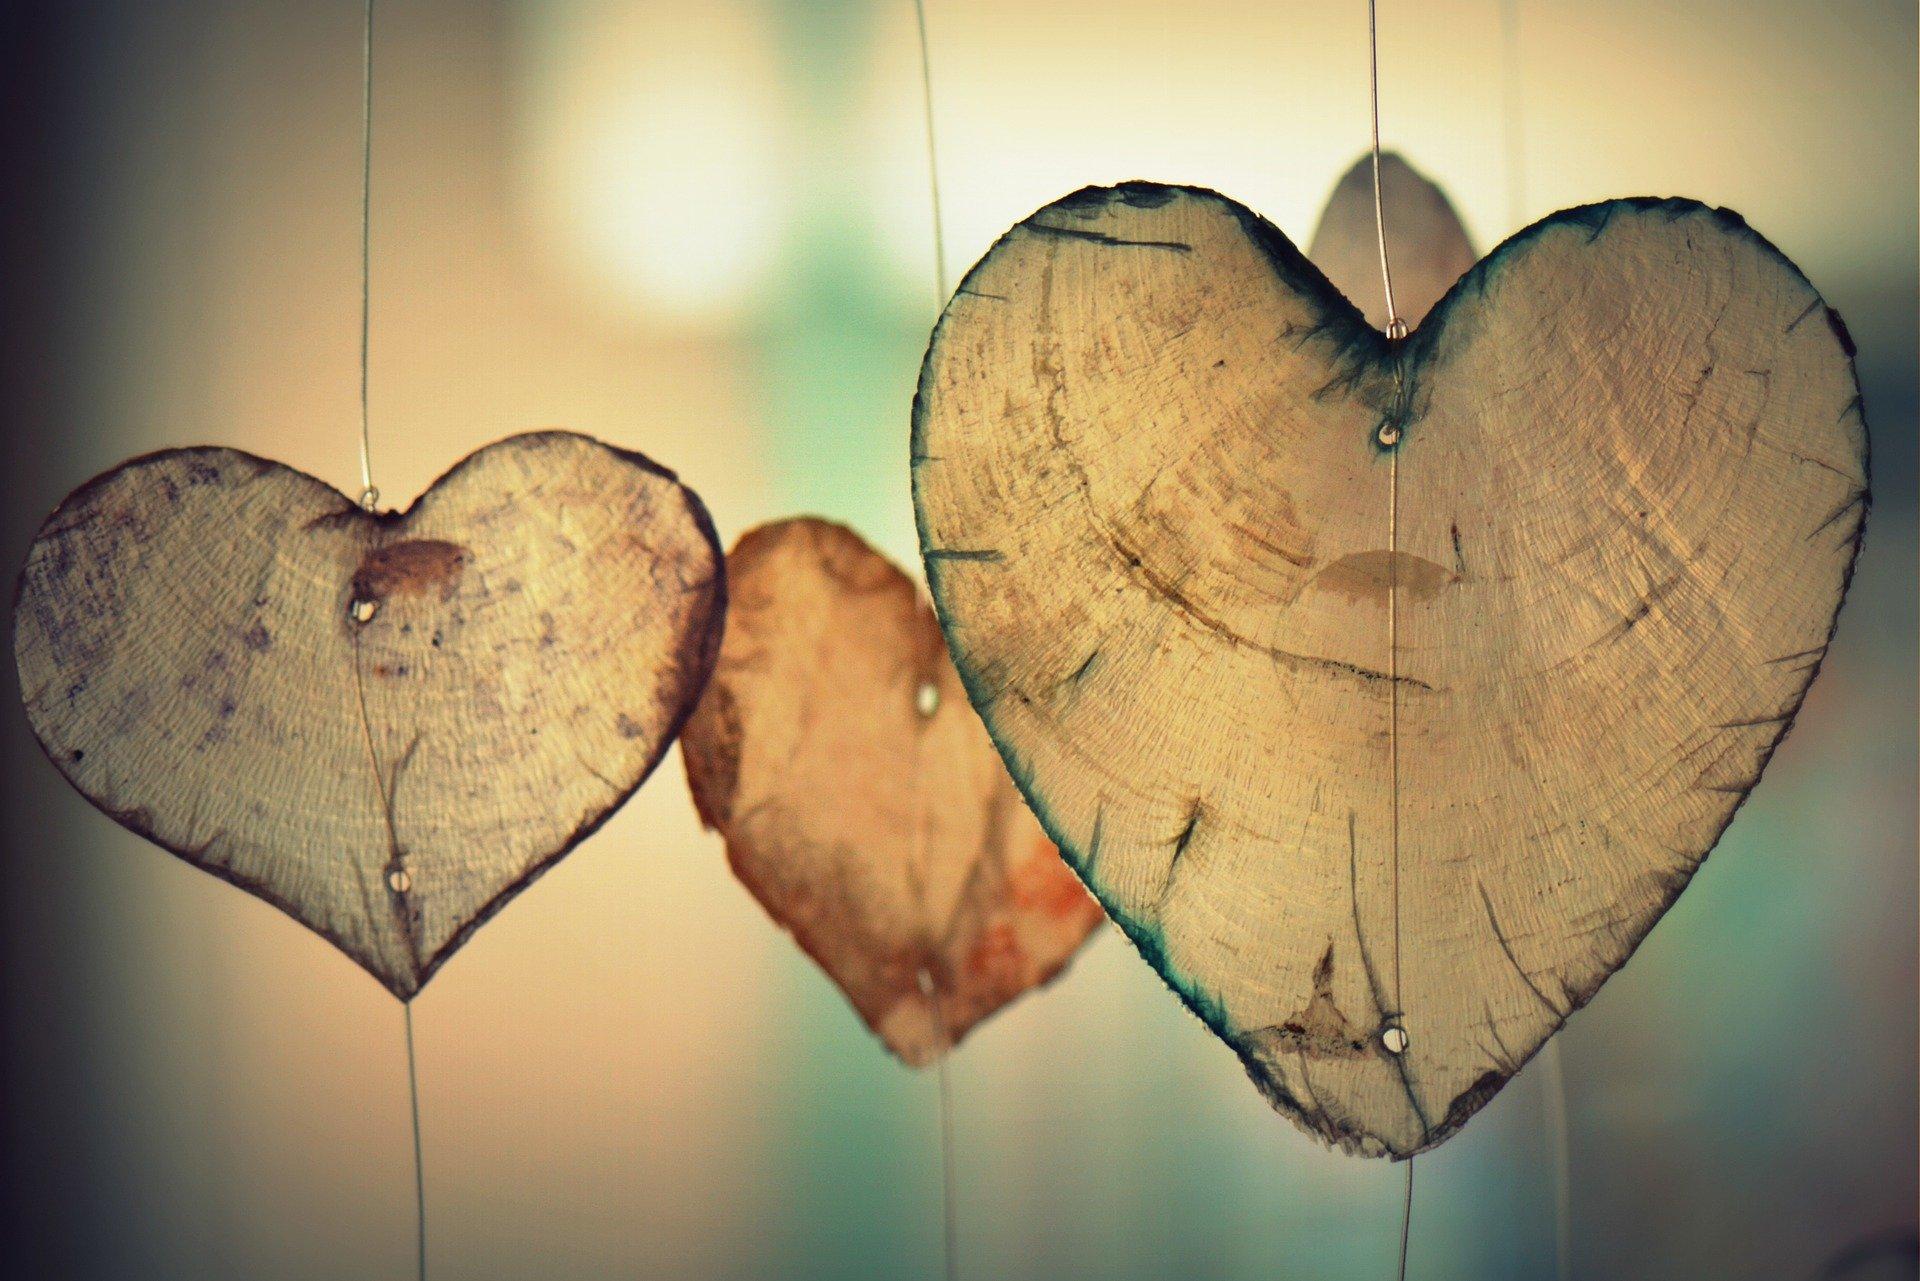 Psicoterapia y Amorosidad